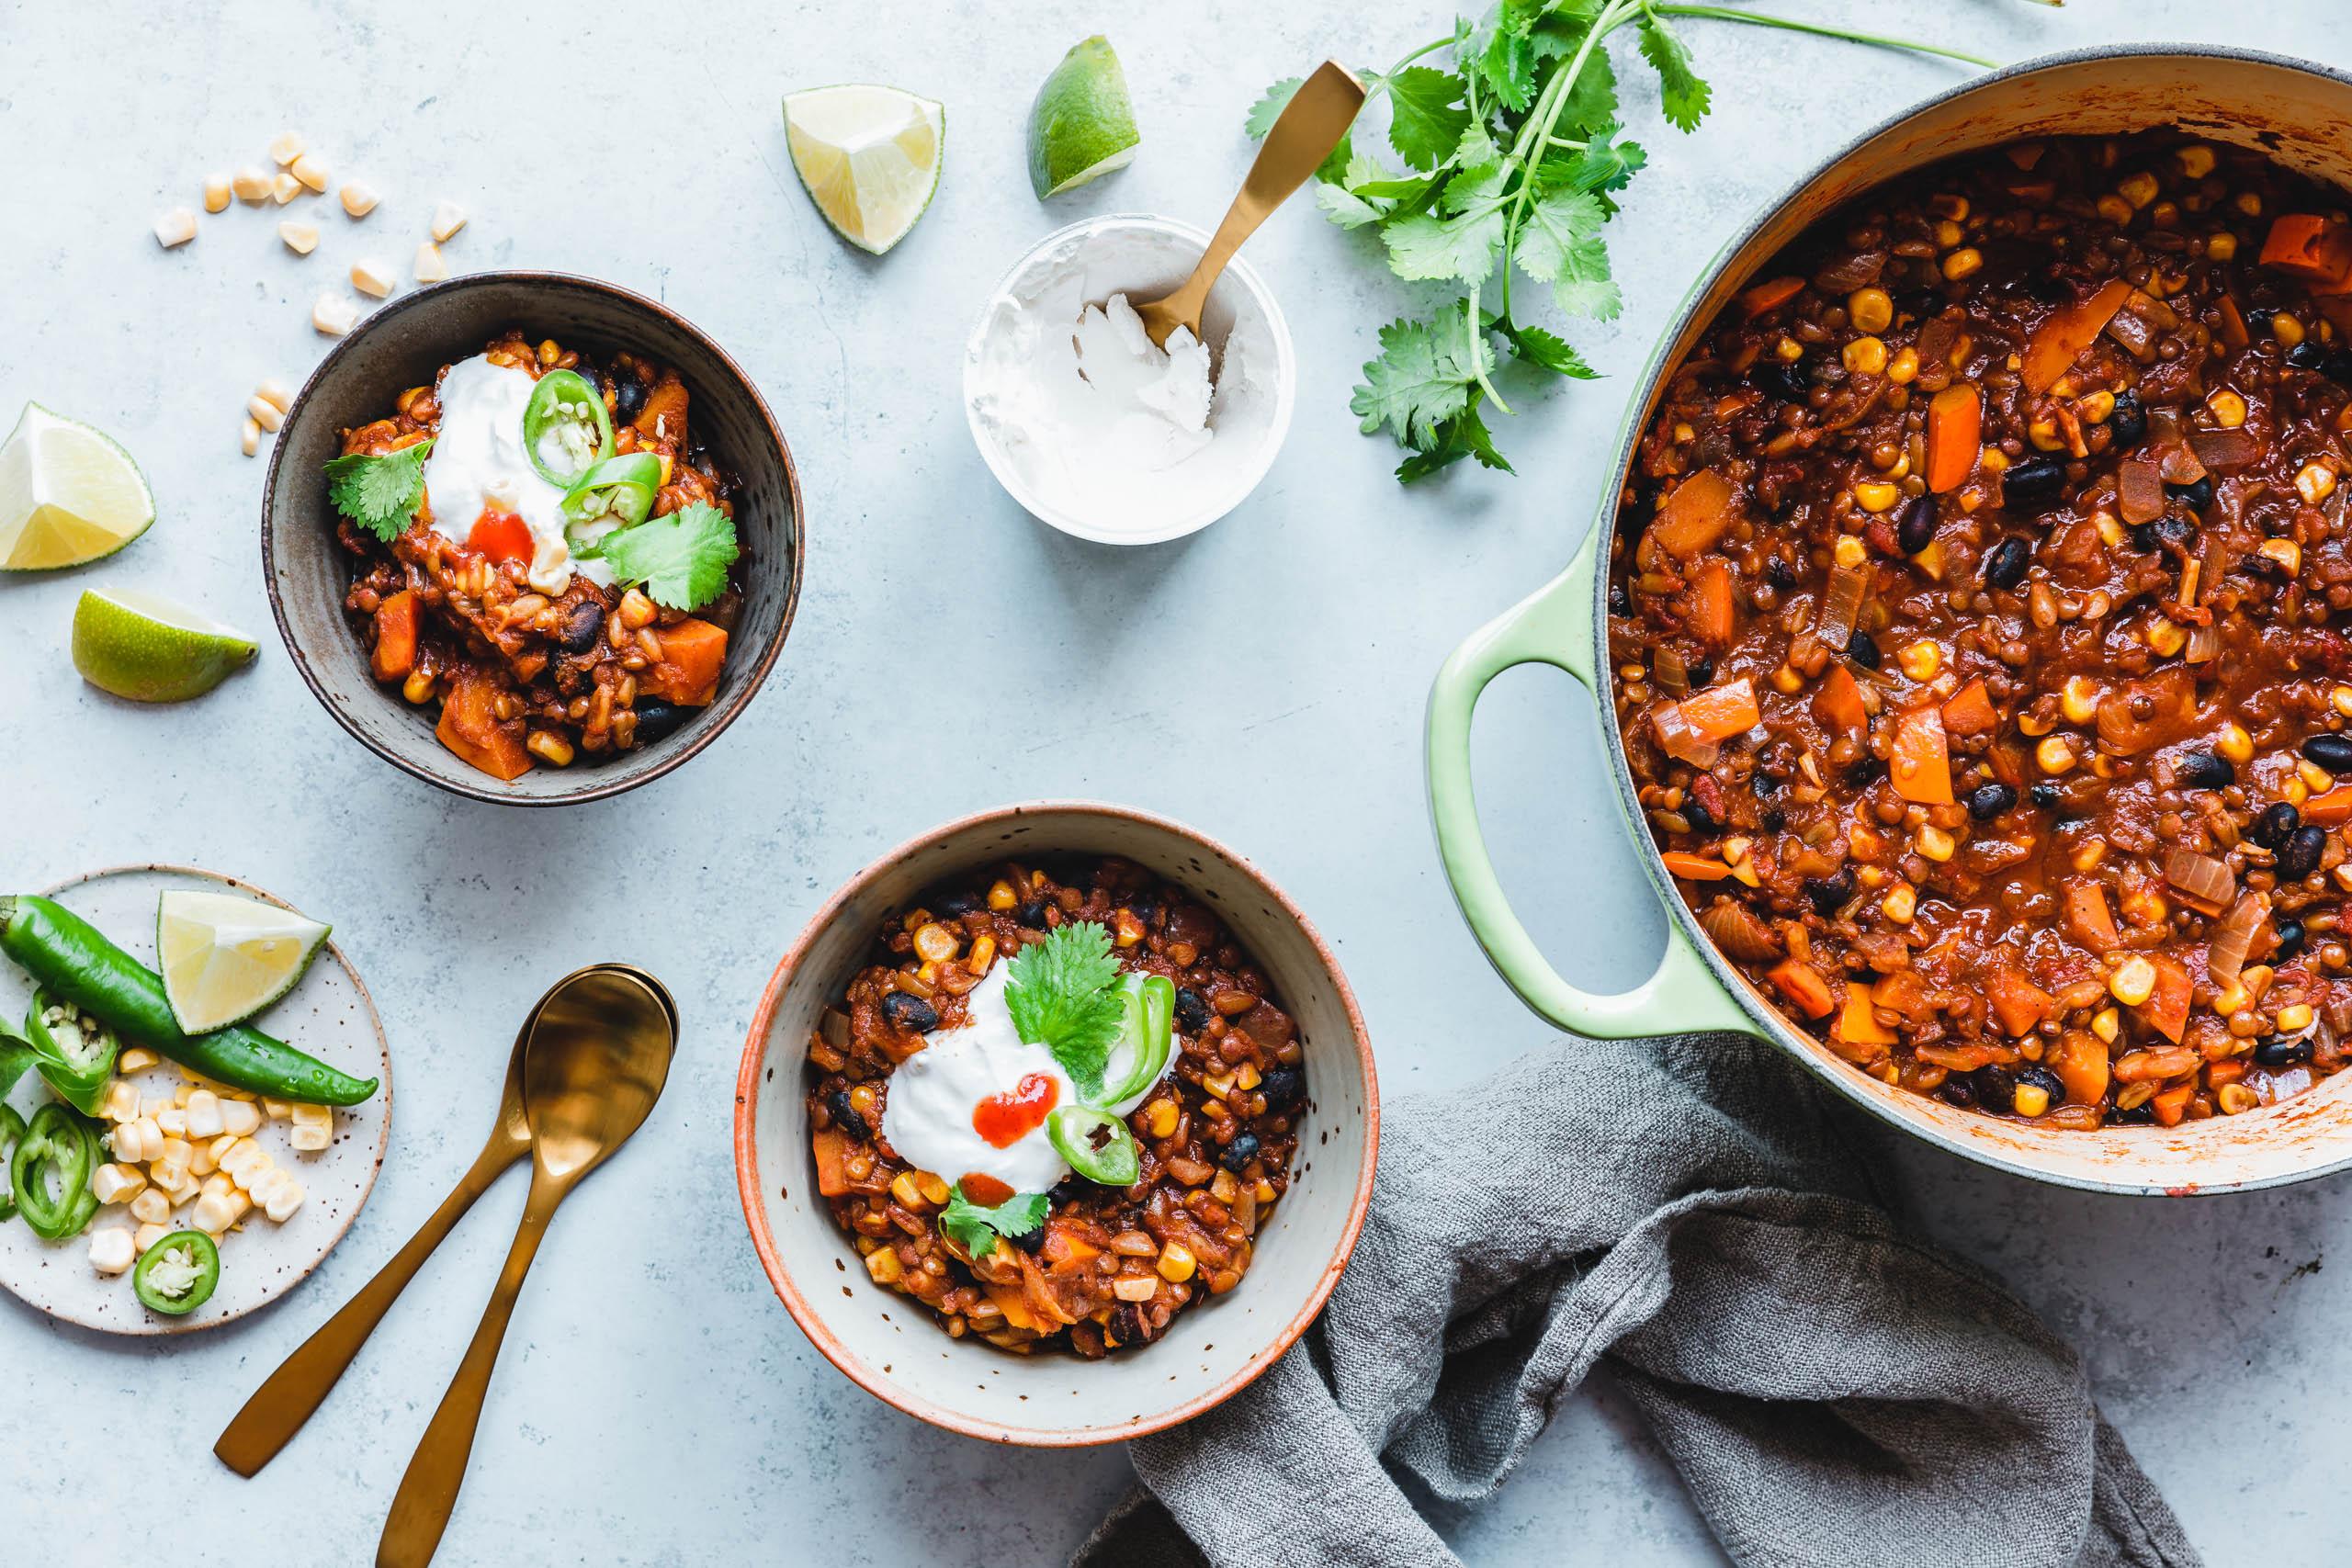 Kürbis-Chili mit braunen Linsen & Pumpkin Spice